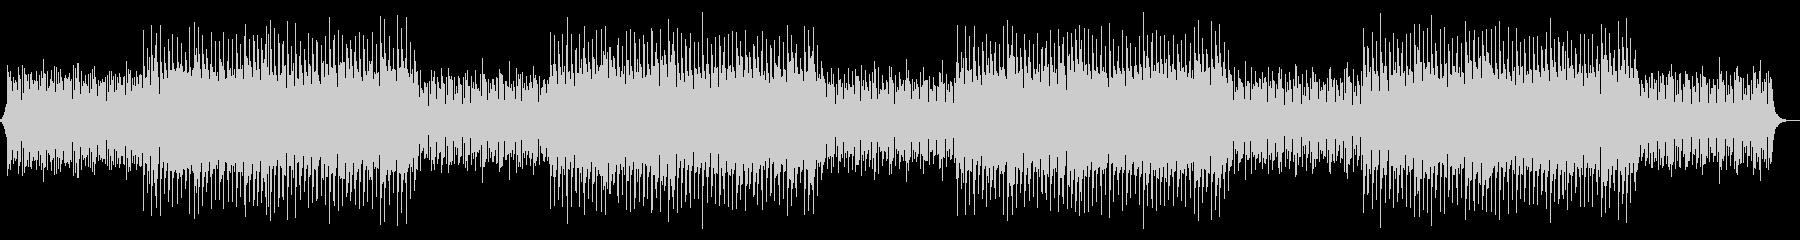 オーケストラ・EDM・退場・エンディングの未再生の波形